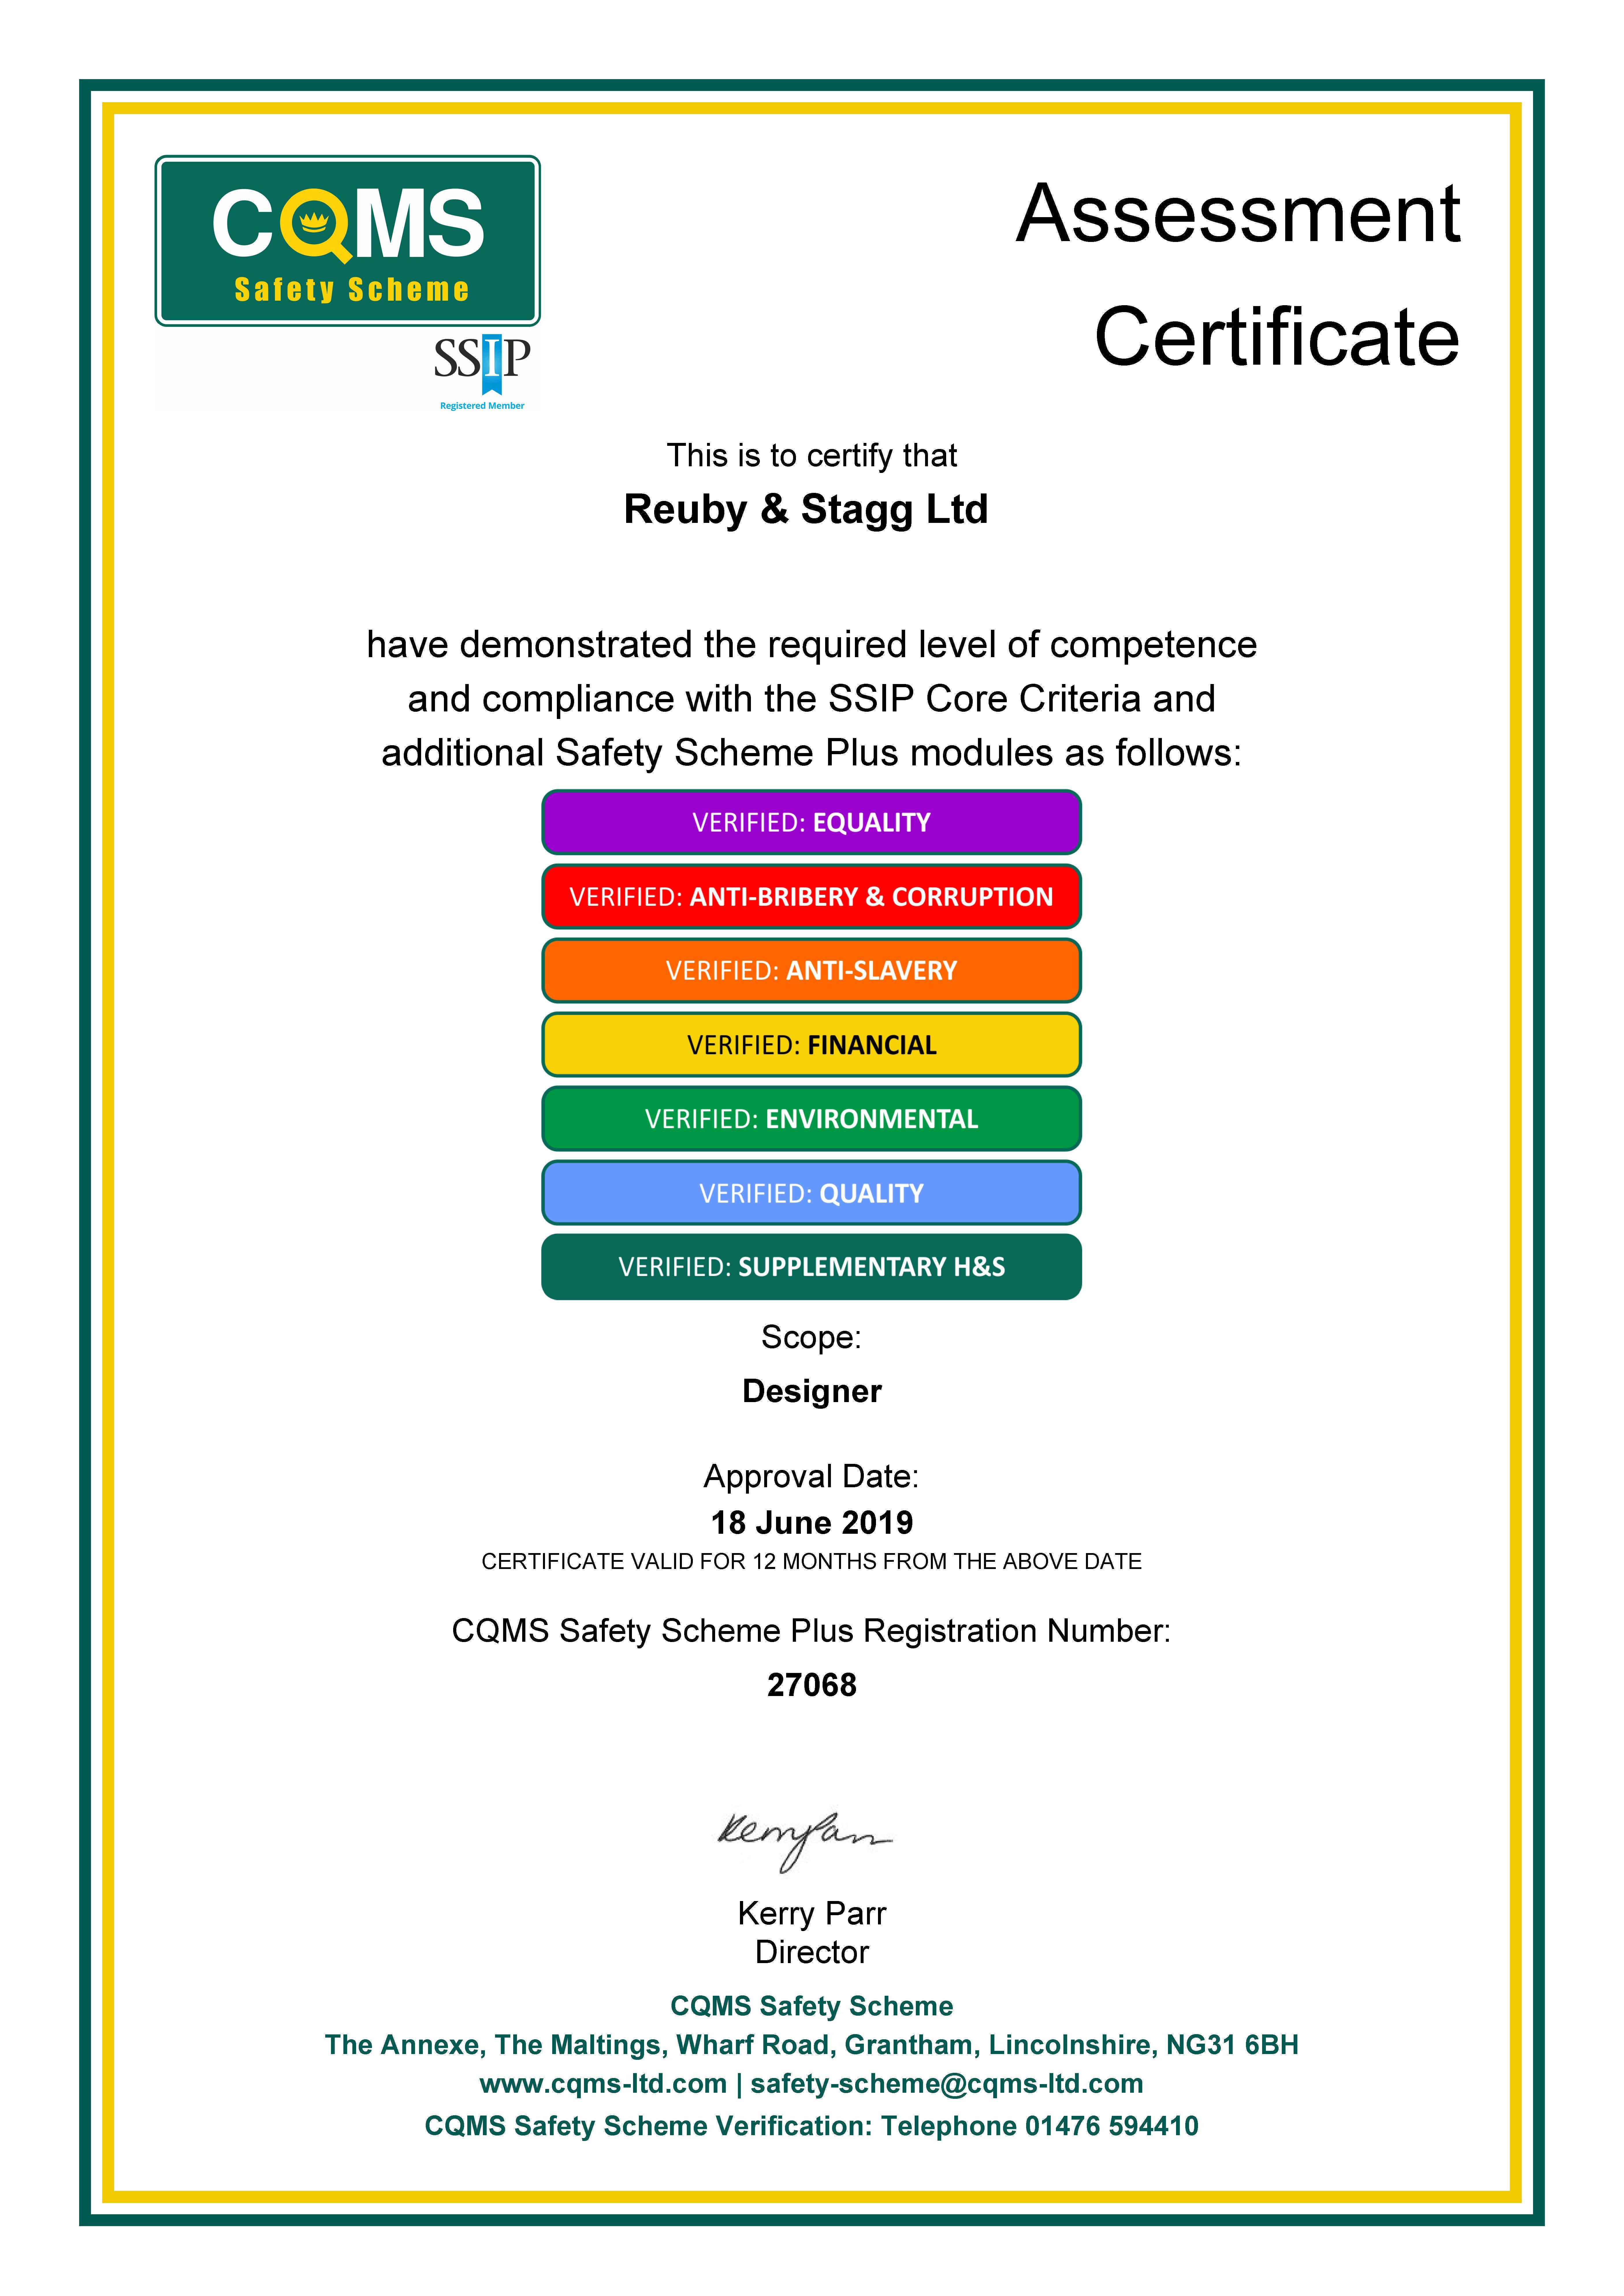 Safety_Scheme_Certificate-CSR-1560933361-61654